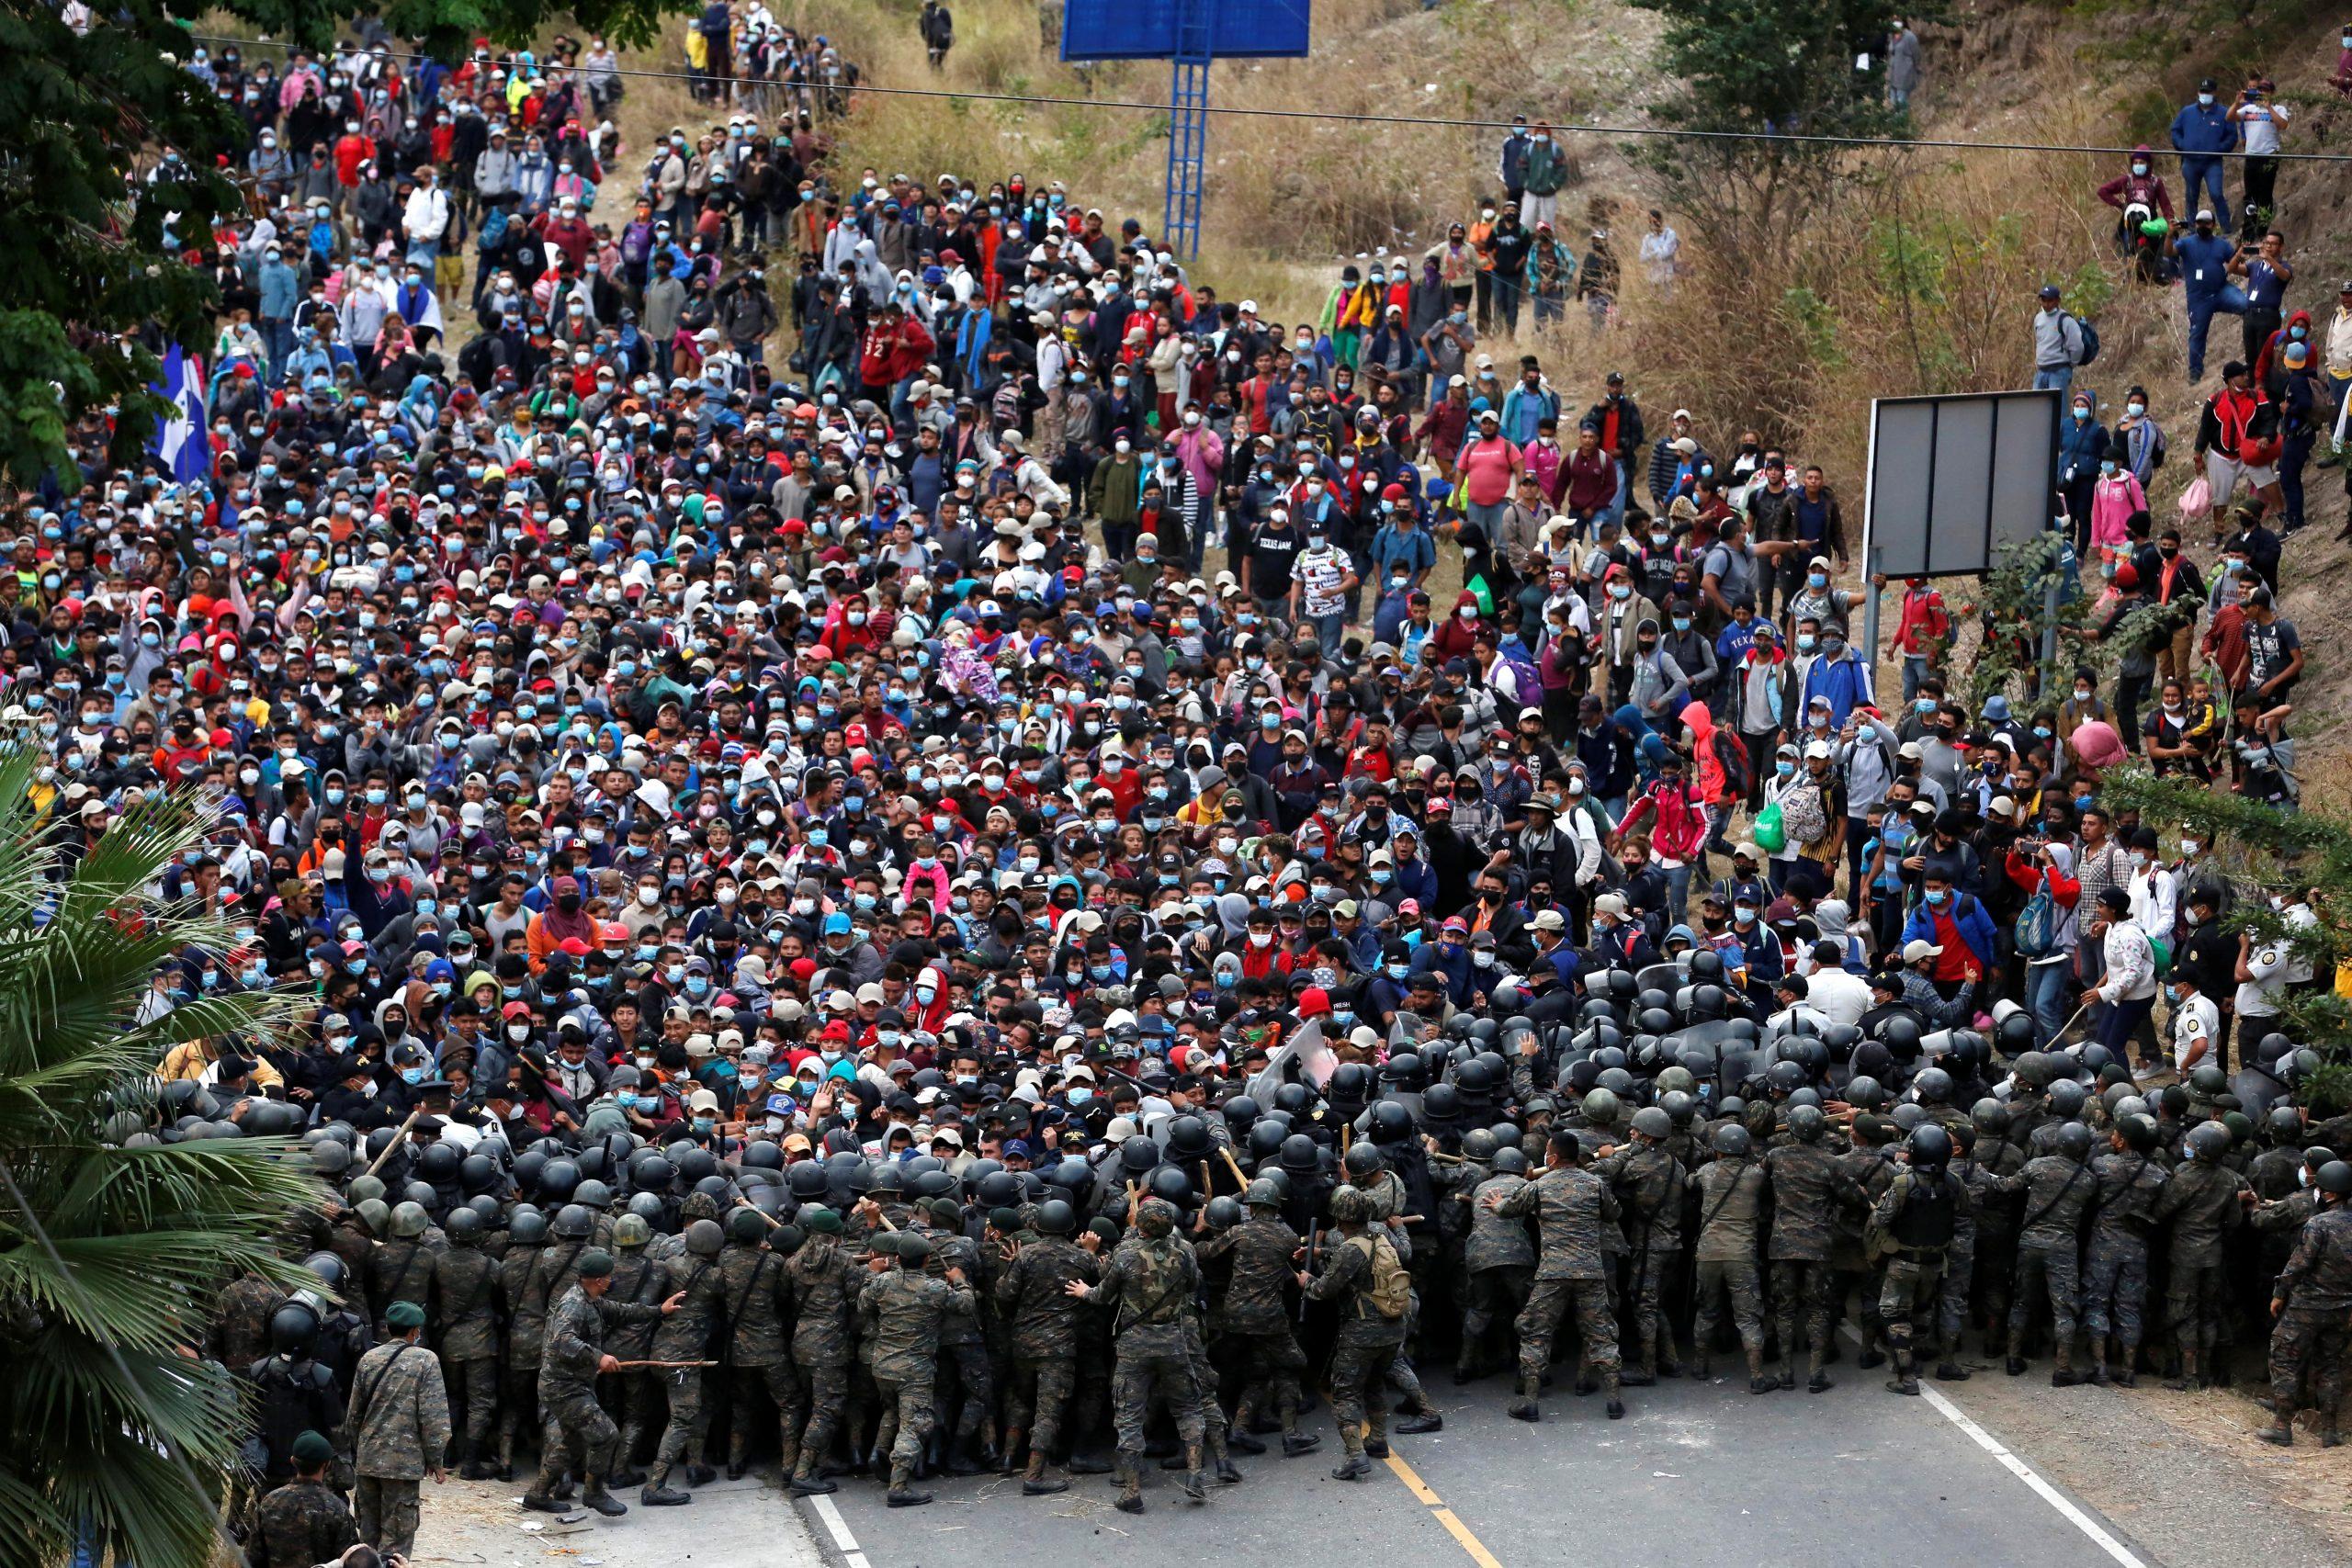 Guatemala frena con violencia a caravana migrante de Honduras